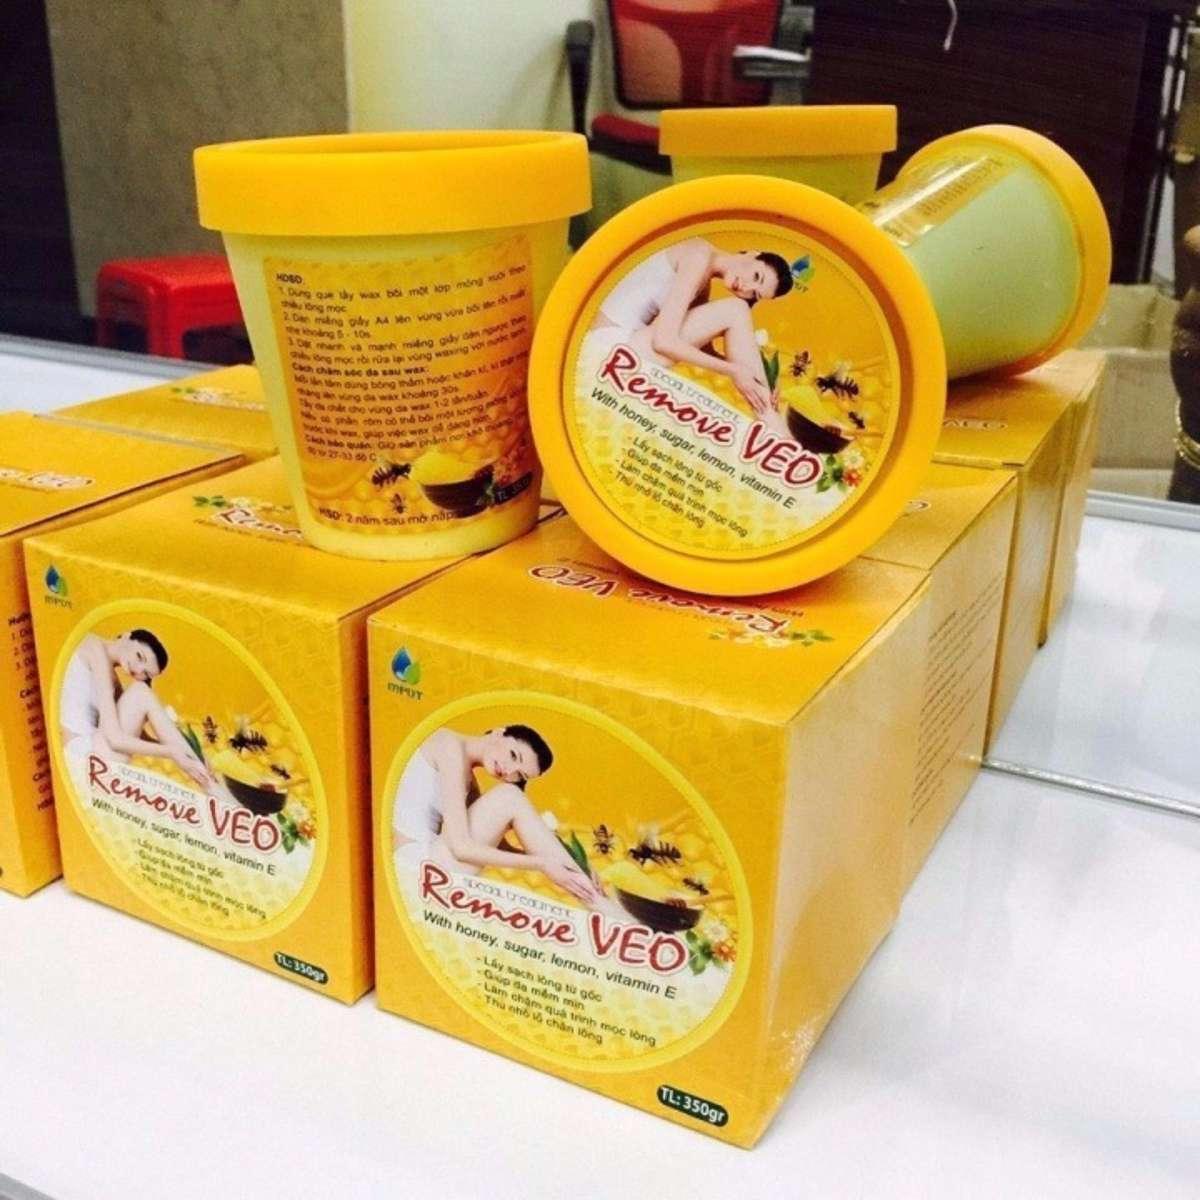 Kem Tẩy Lông - Veo Honey Wax - Tẩy Lông Triệt Để chính hãng